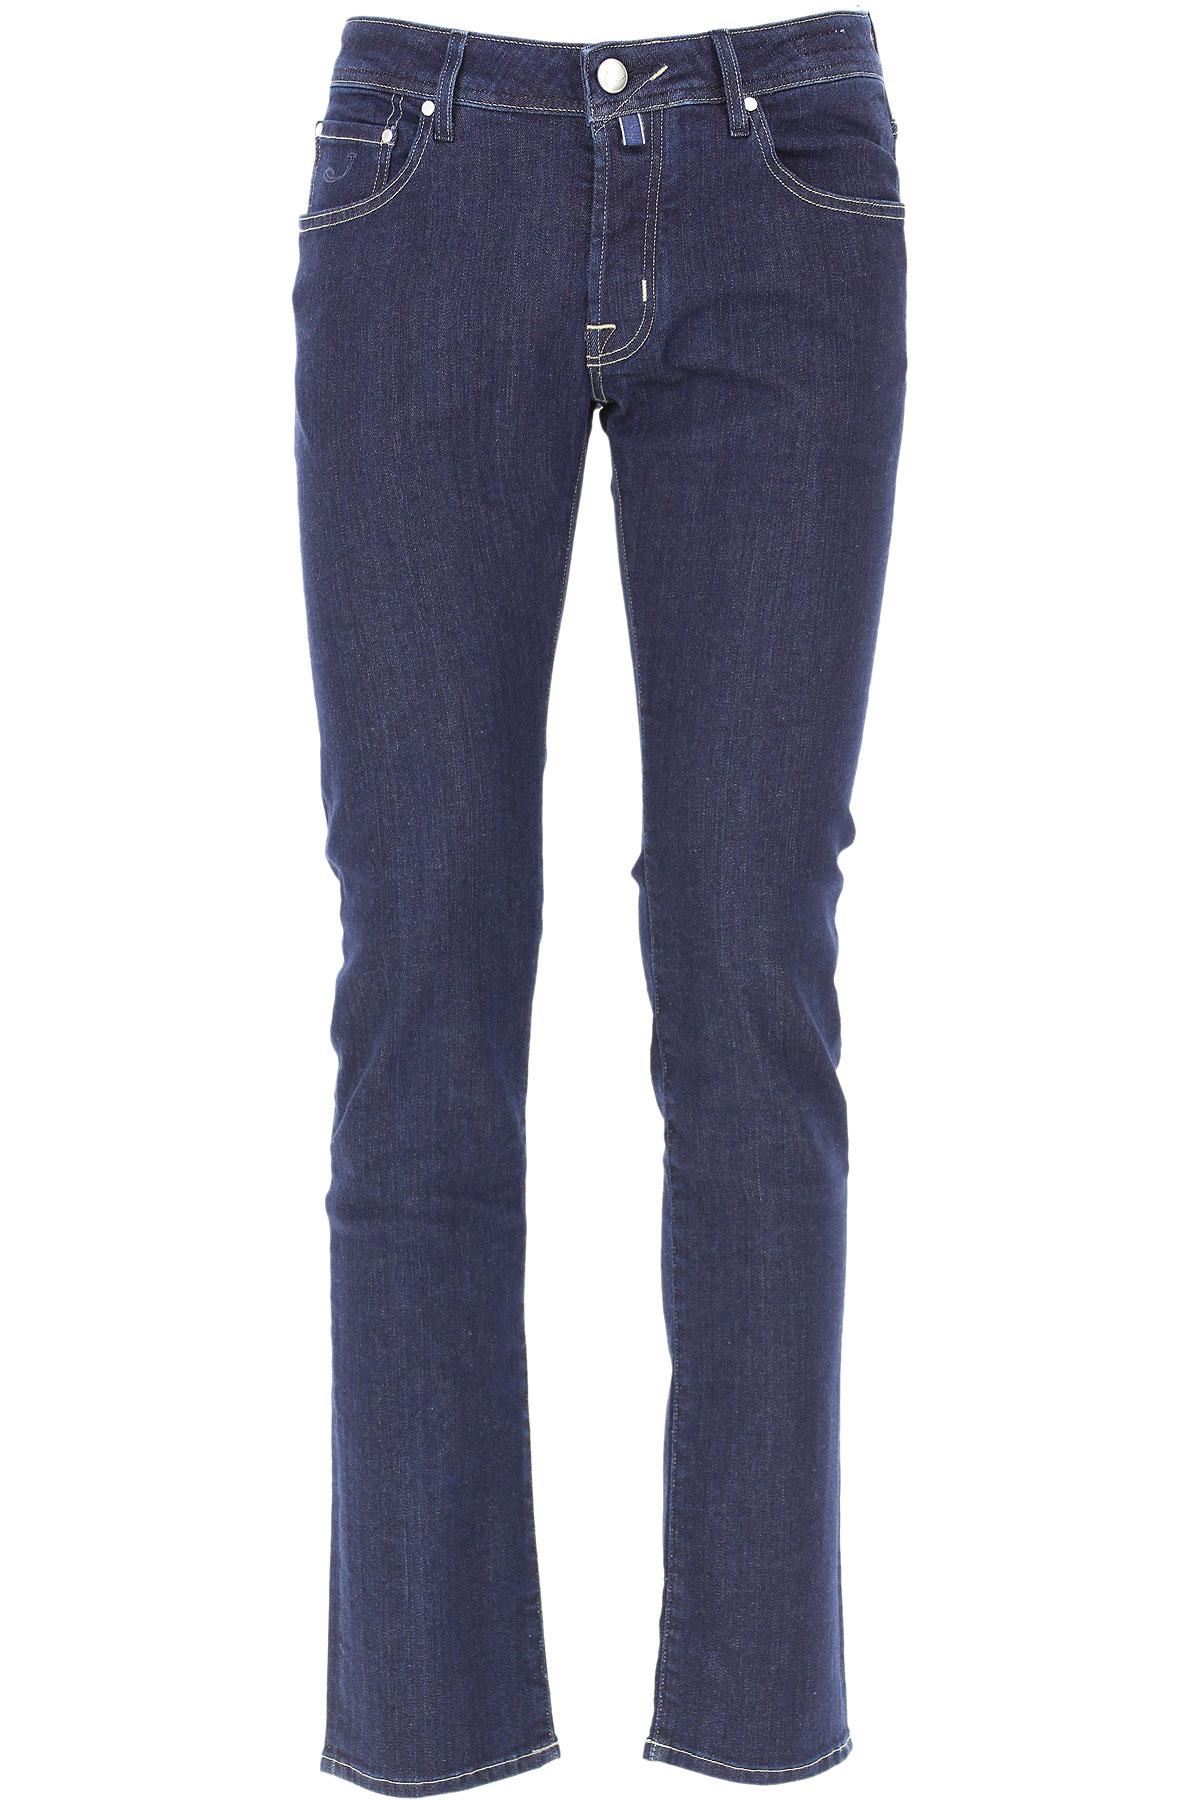 Jacob Cohen Jeans On Sale, Dark Blue, Cotton, 2019, 35 36